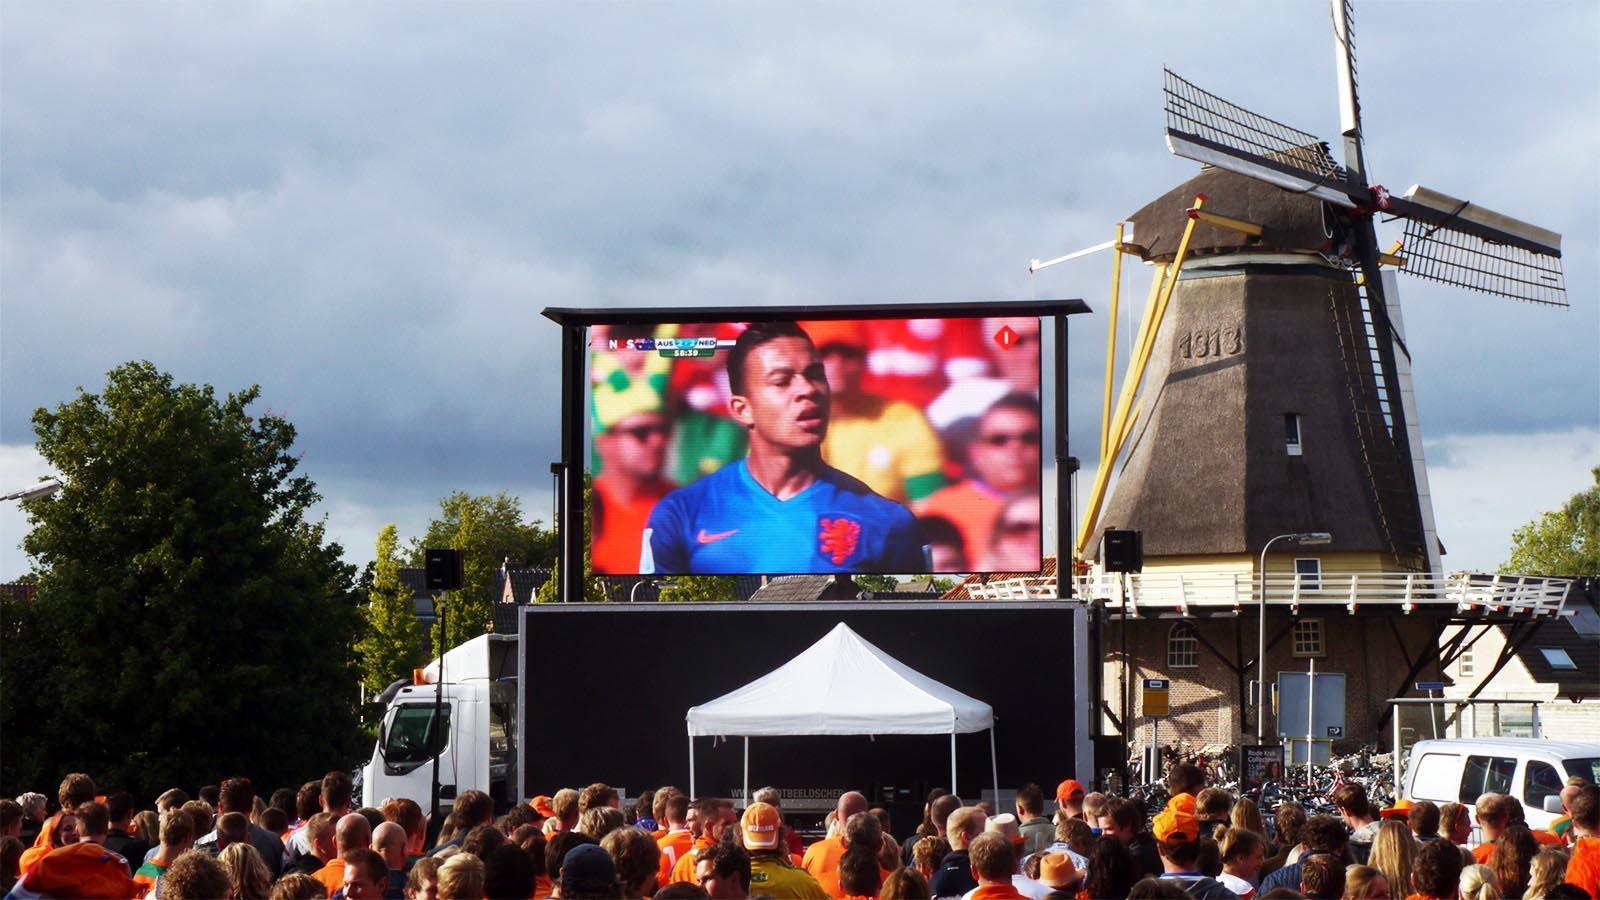 mobiel led scherm in dalfsen tijdens wk voetbal